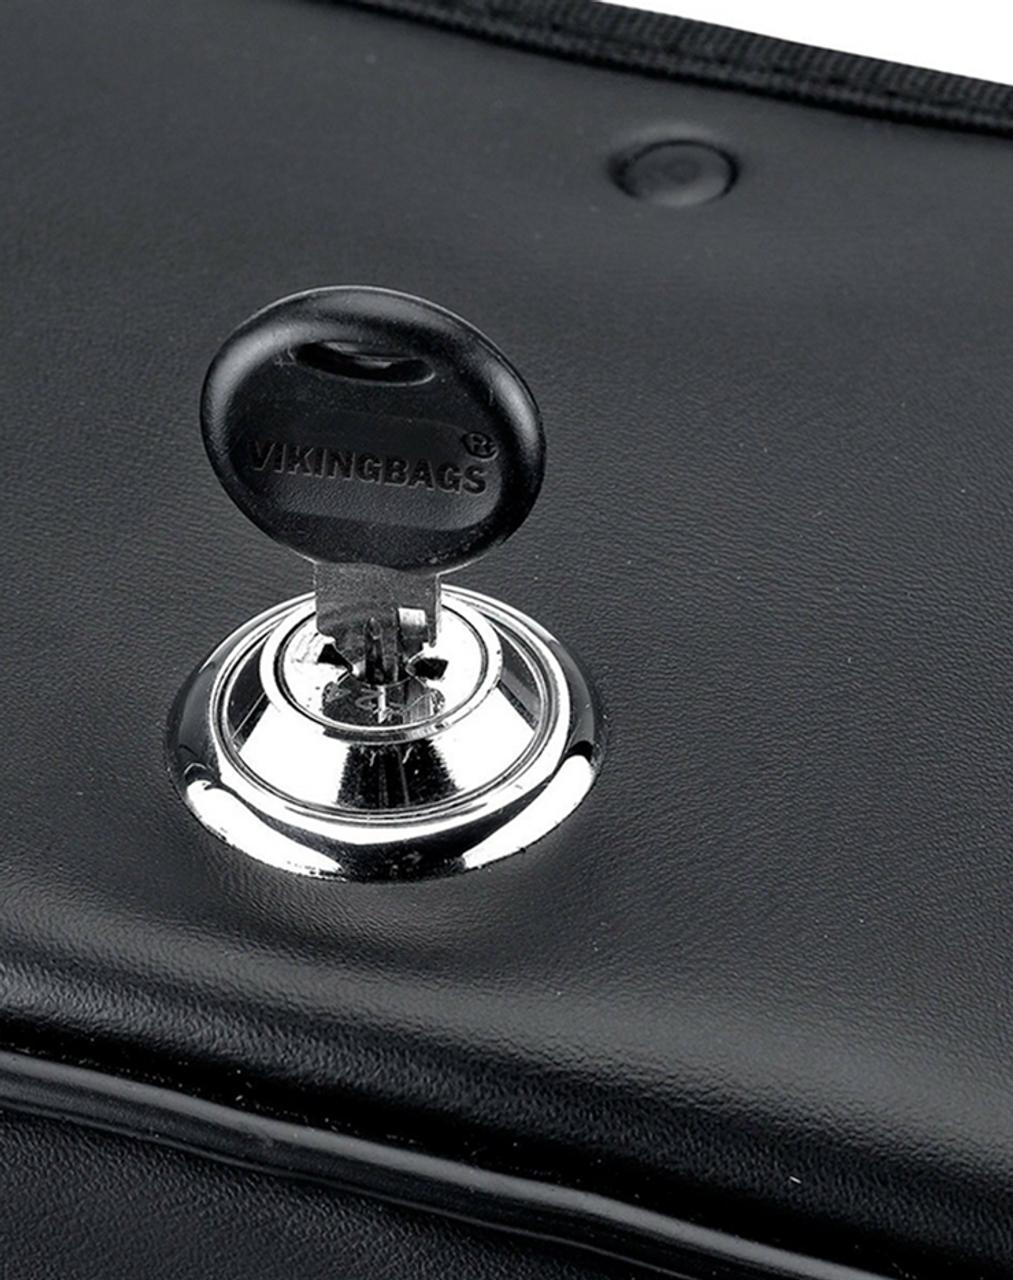 Yamaha Startoliner XV 1900 VikingBags Overlord Large Side Pocket Saddlebags Lock Key View